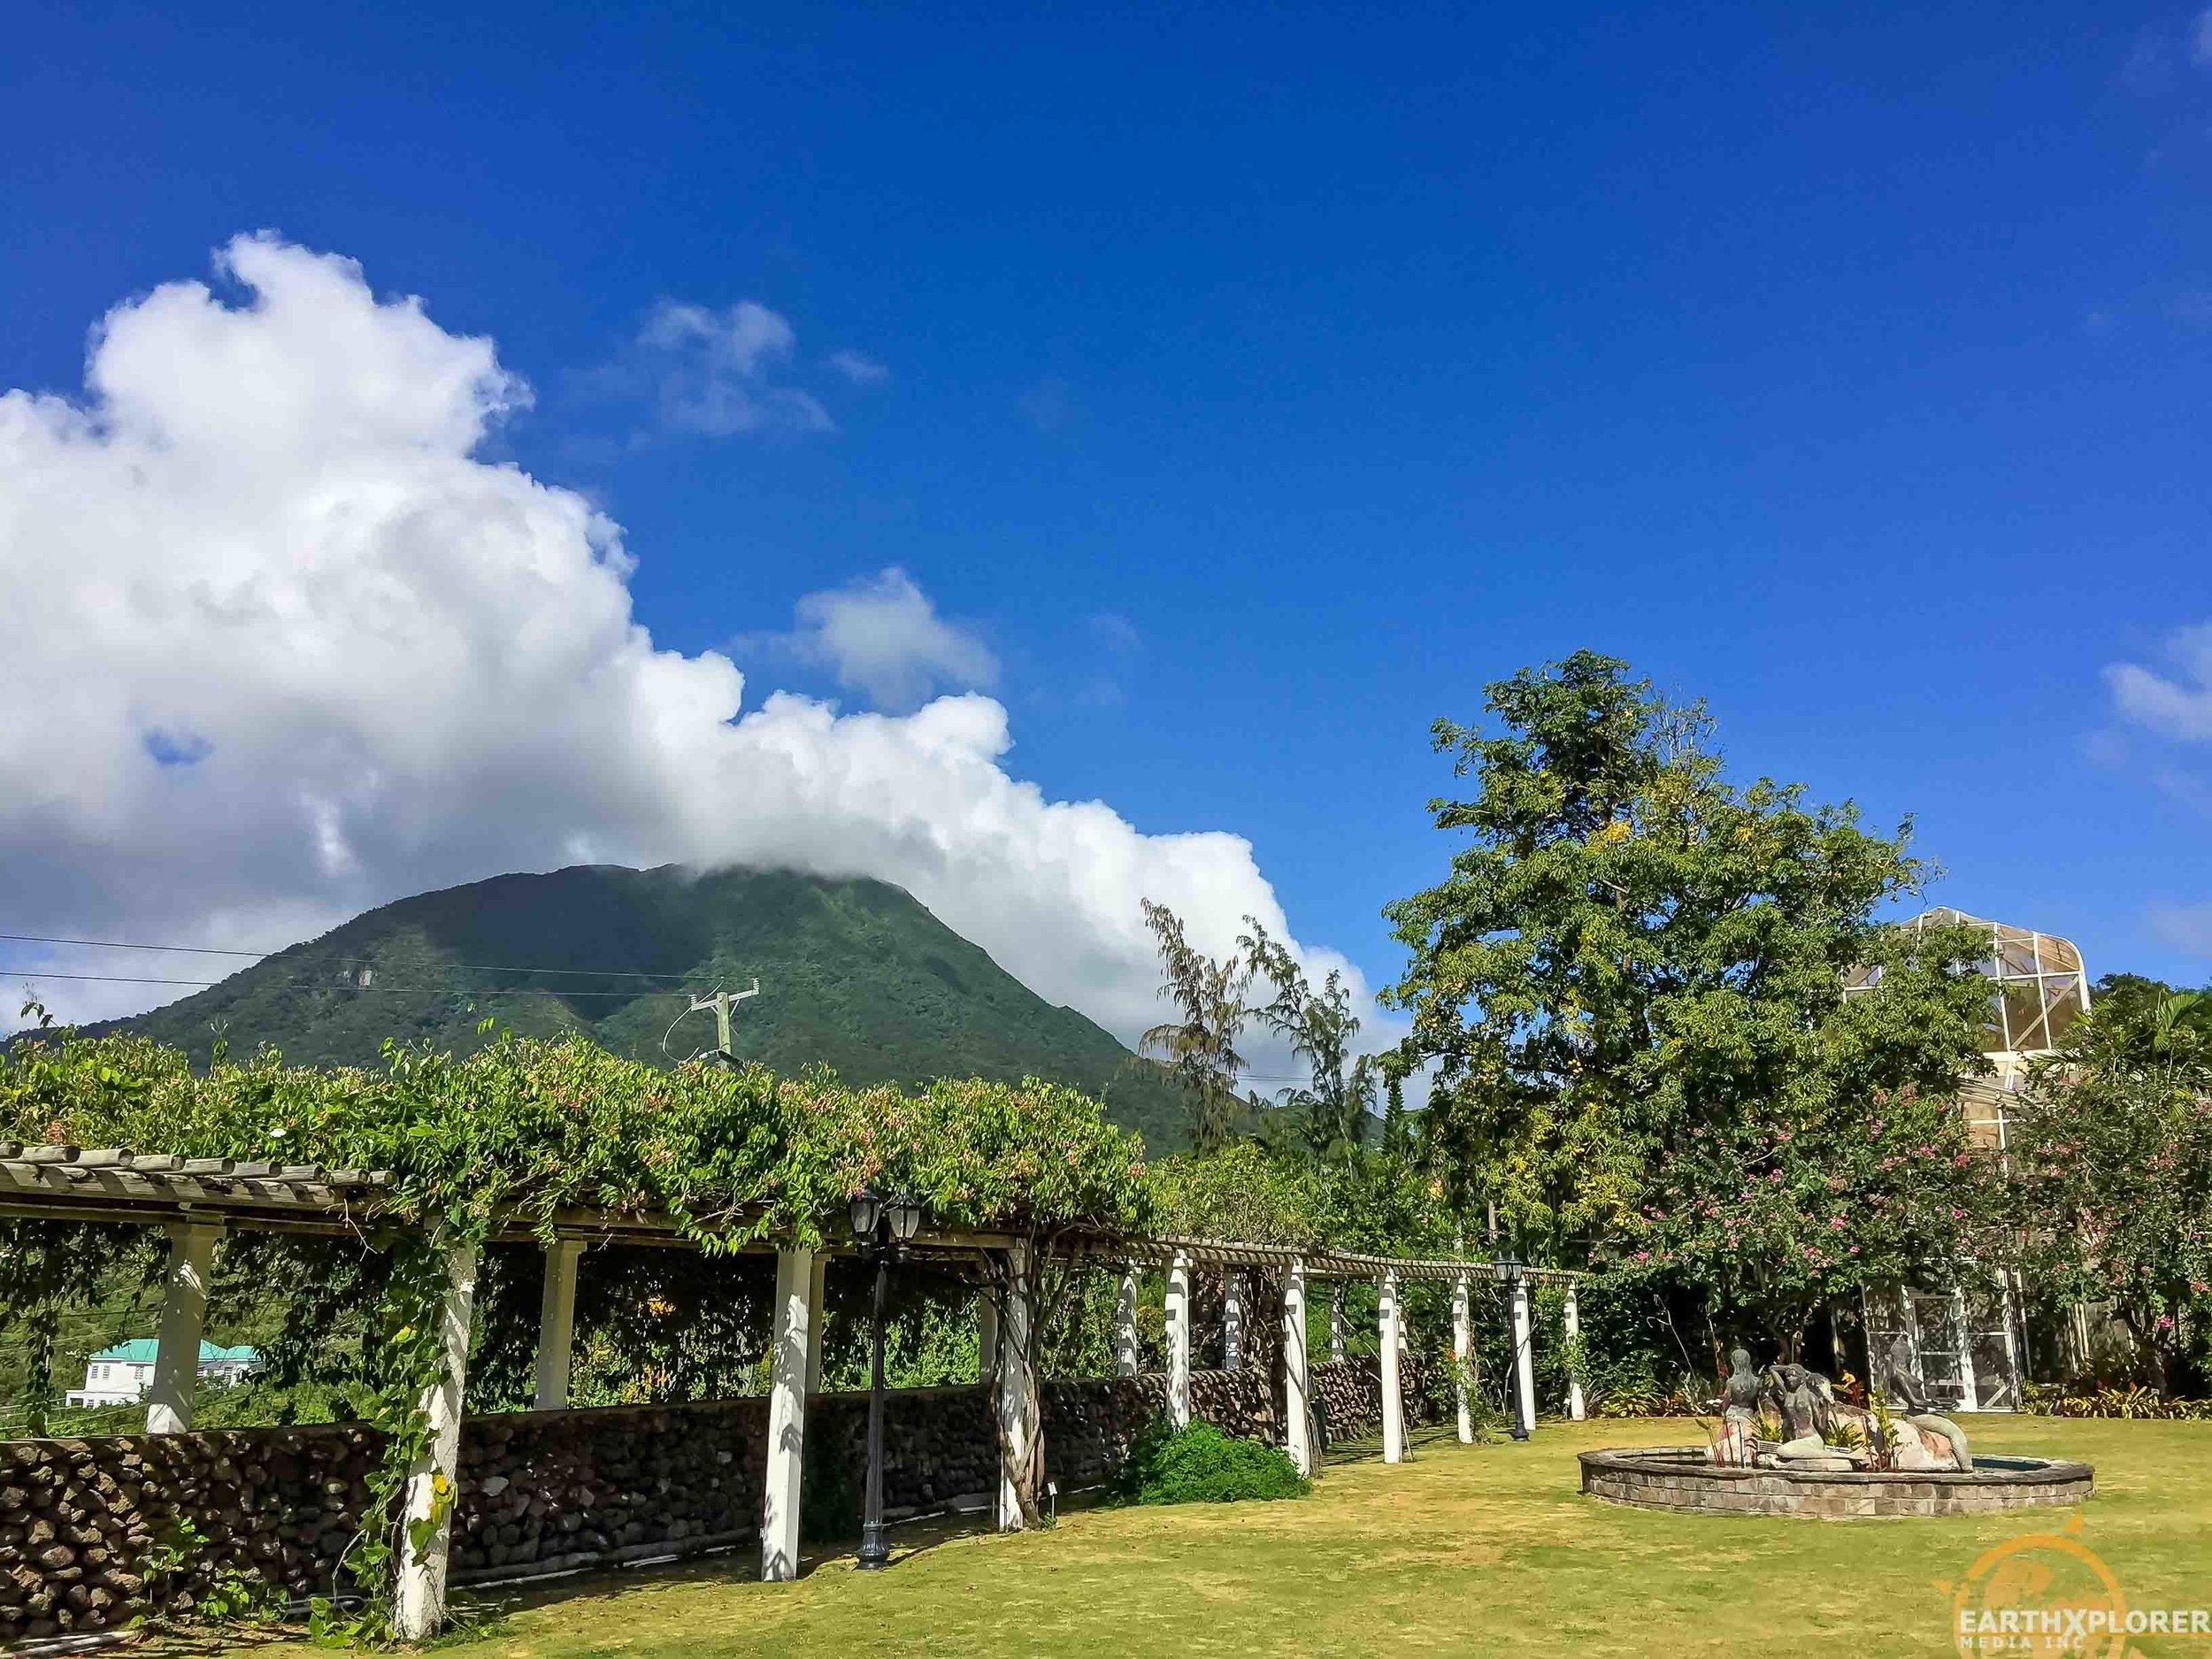 Nevis Botanical Gardens earthXplorer-7.jpg